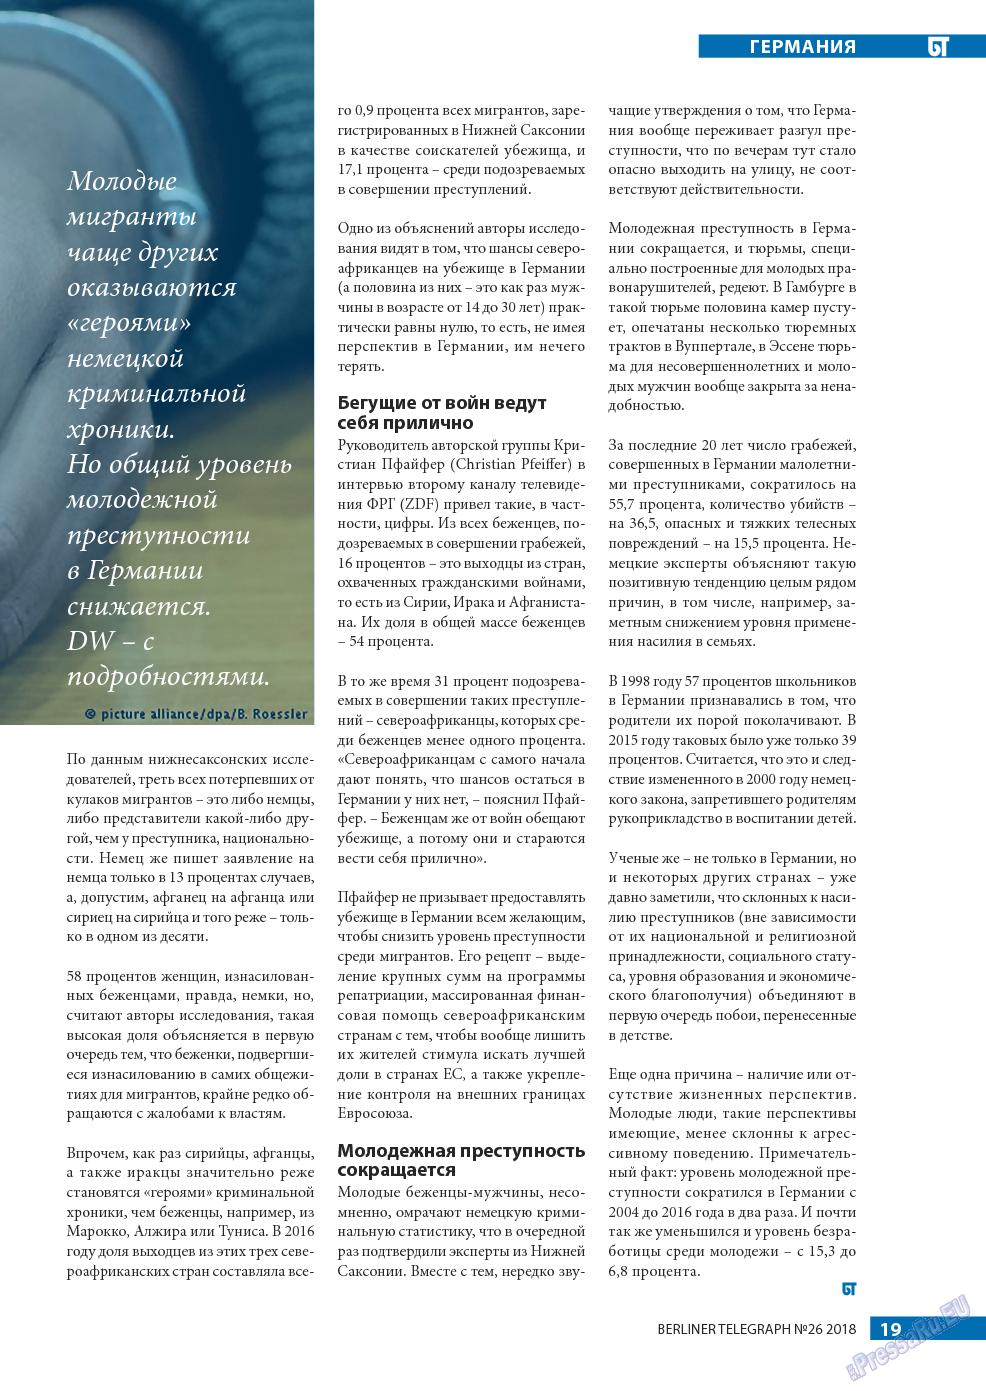 Берлинский телеграф (журнал). 2018 год, номер 26, стр. 19